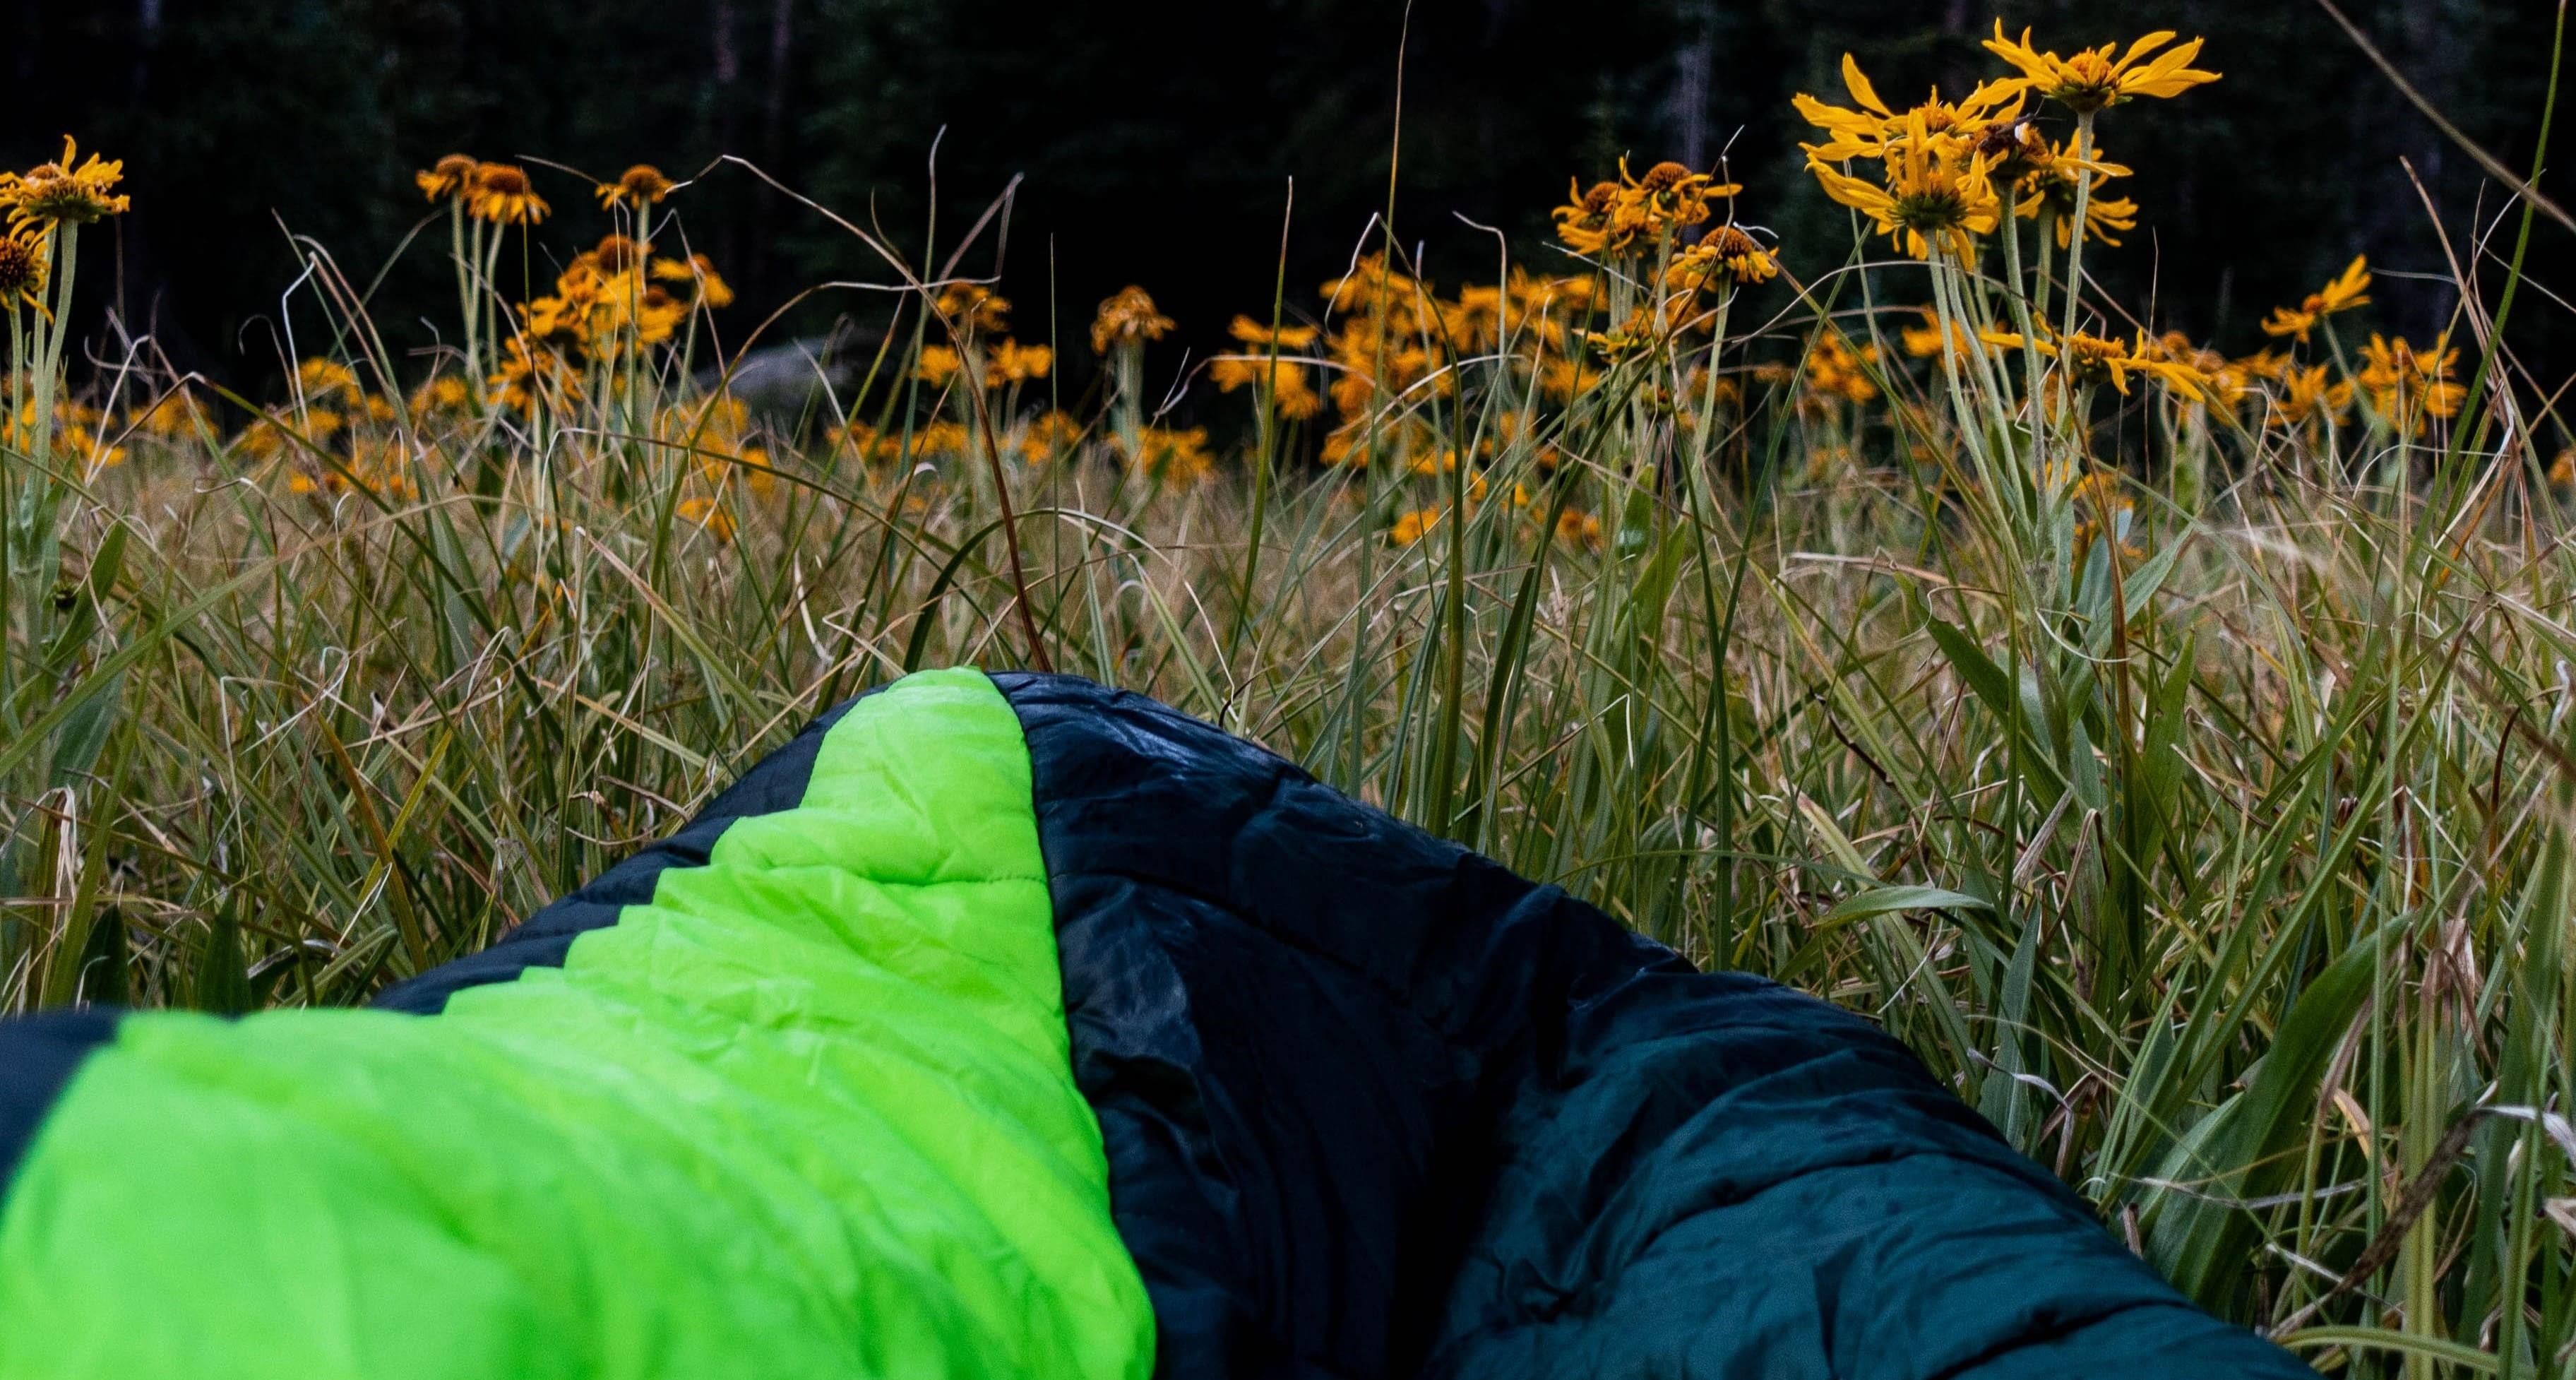 Sovsäck i gräset